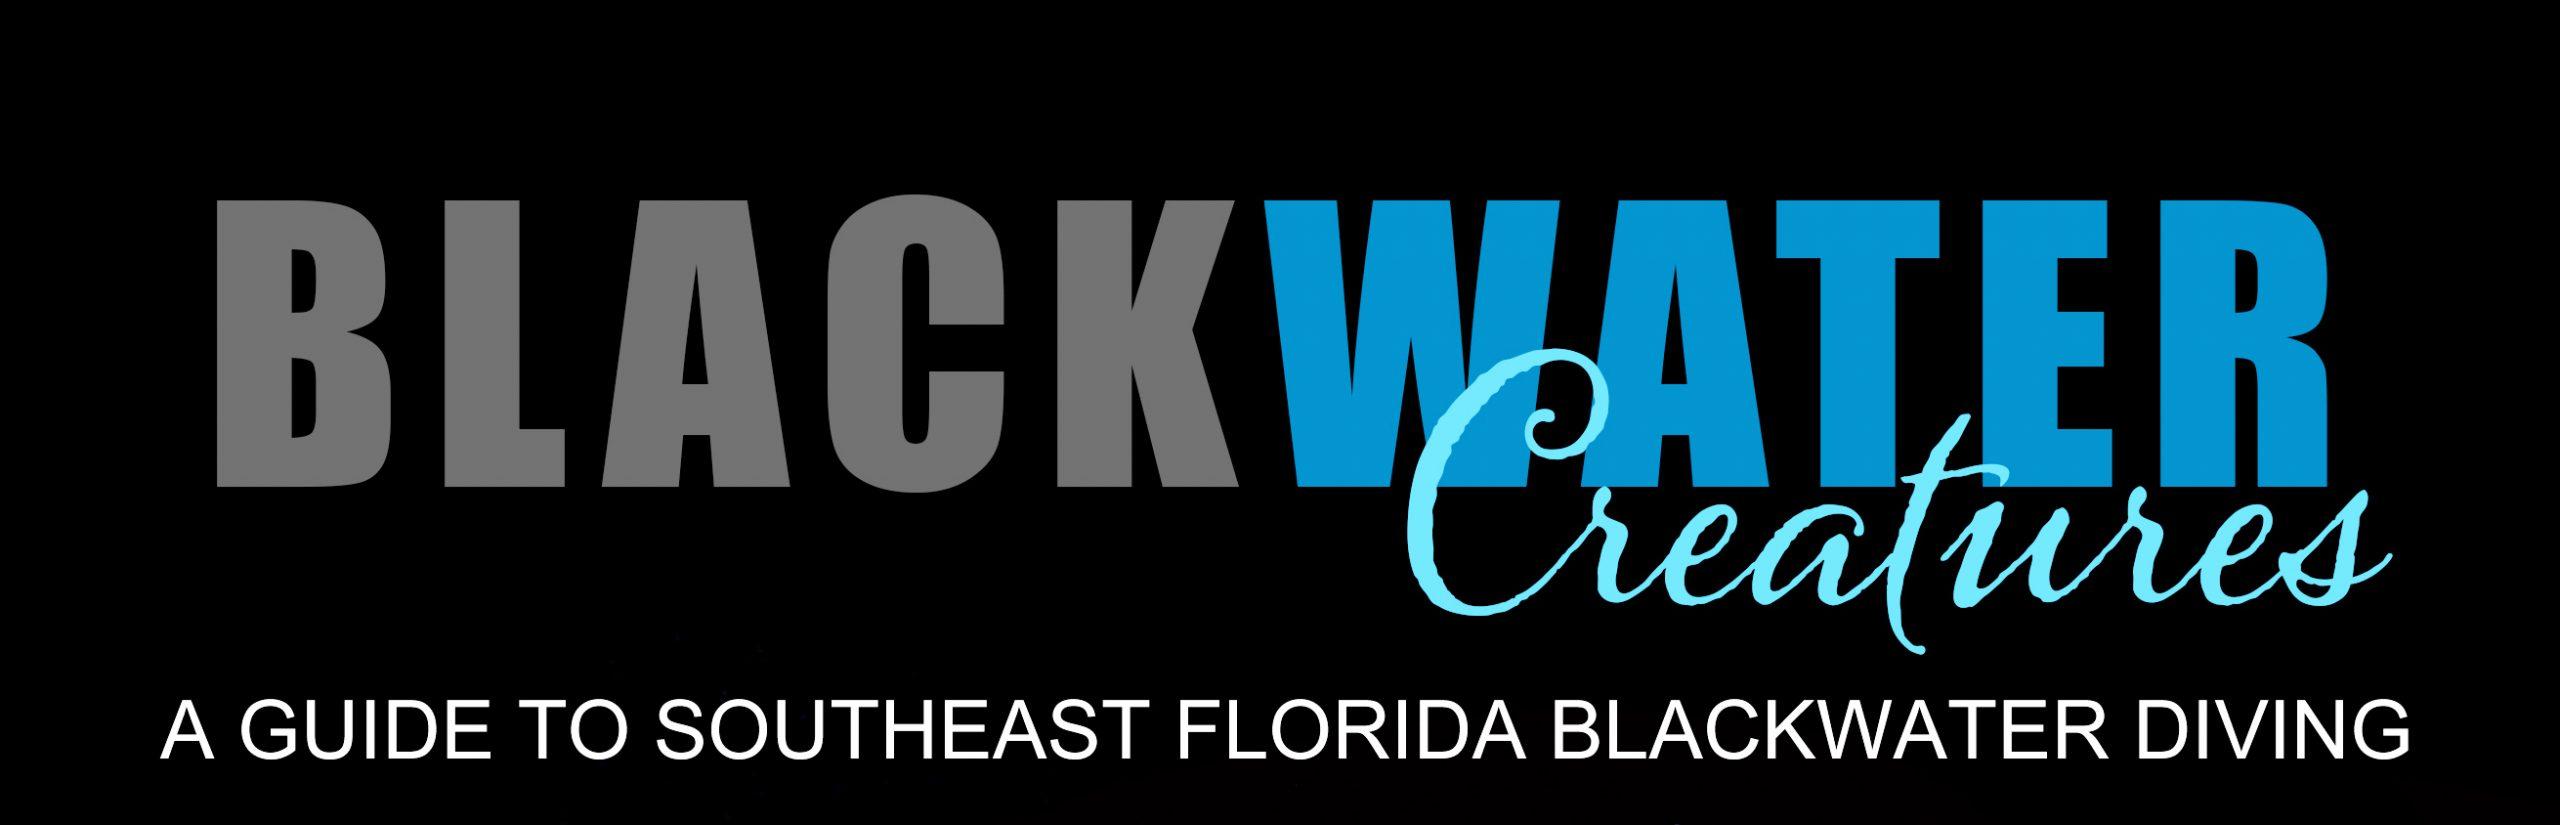 BLACKWATER Creatures